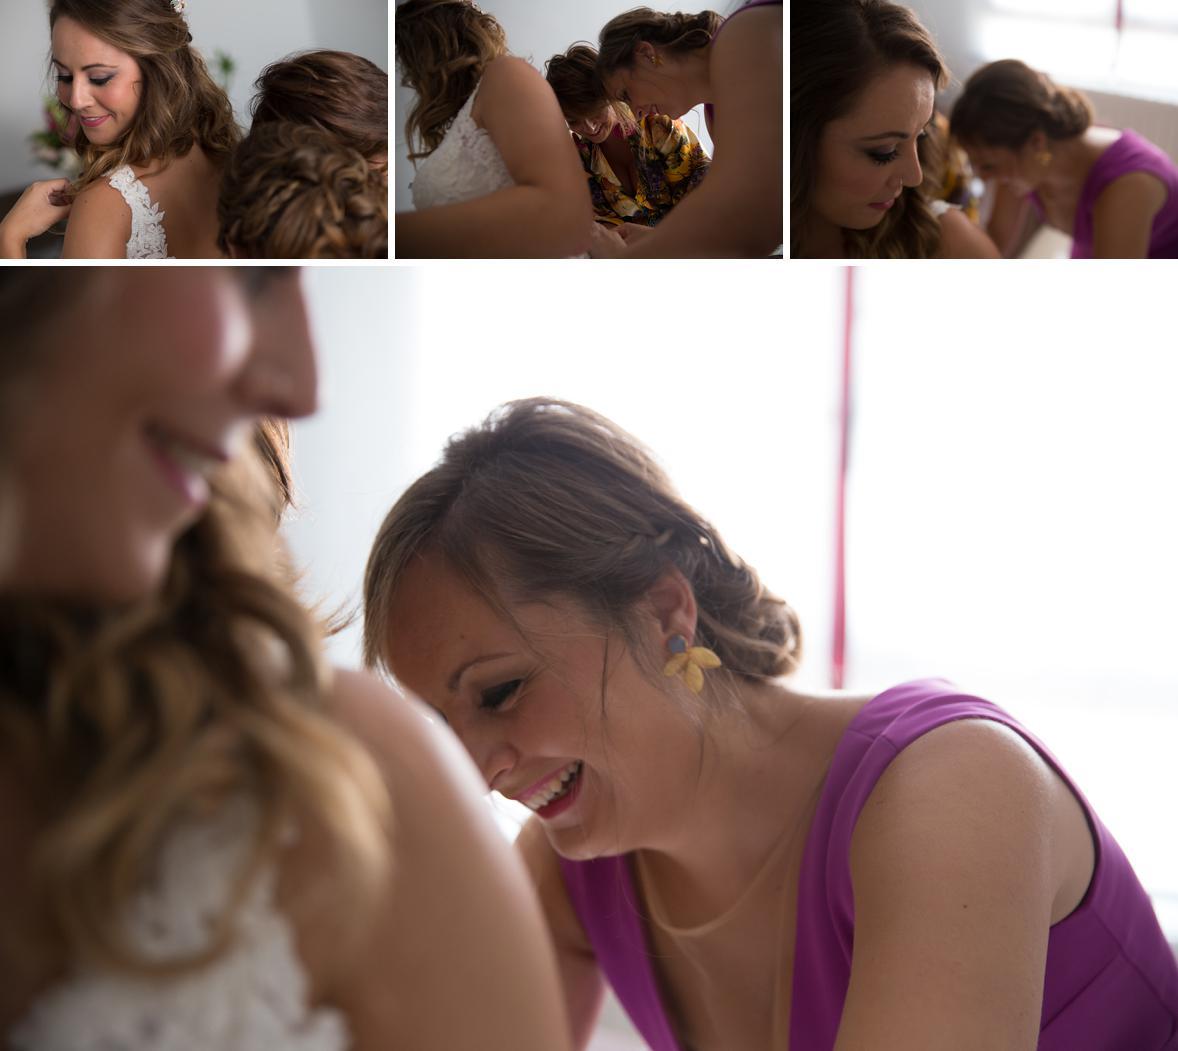 fotografos-boda-finca-roalet-de-kiko-Doblexposicion_0008